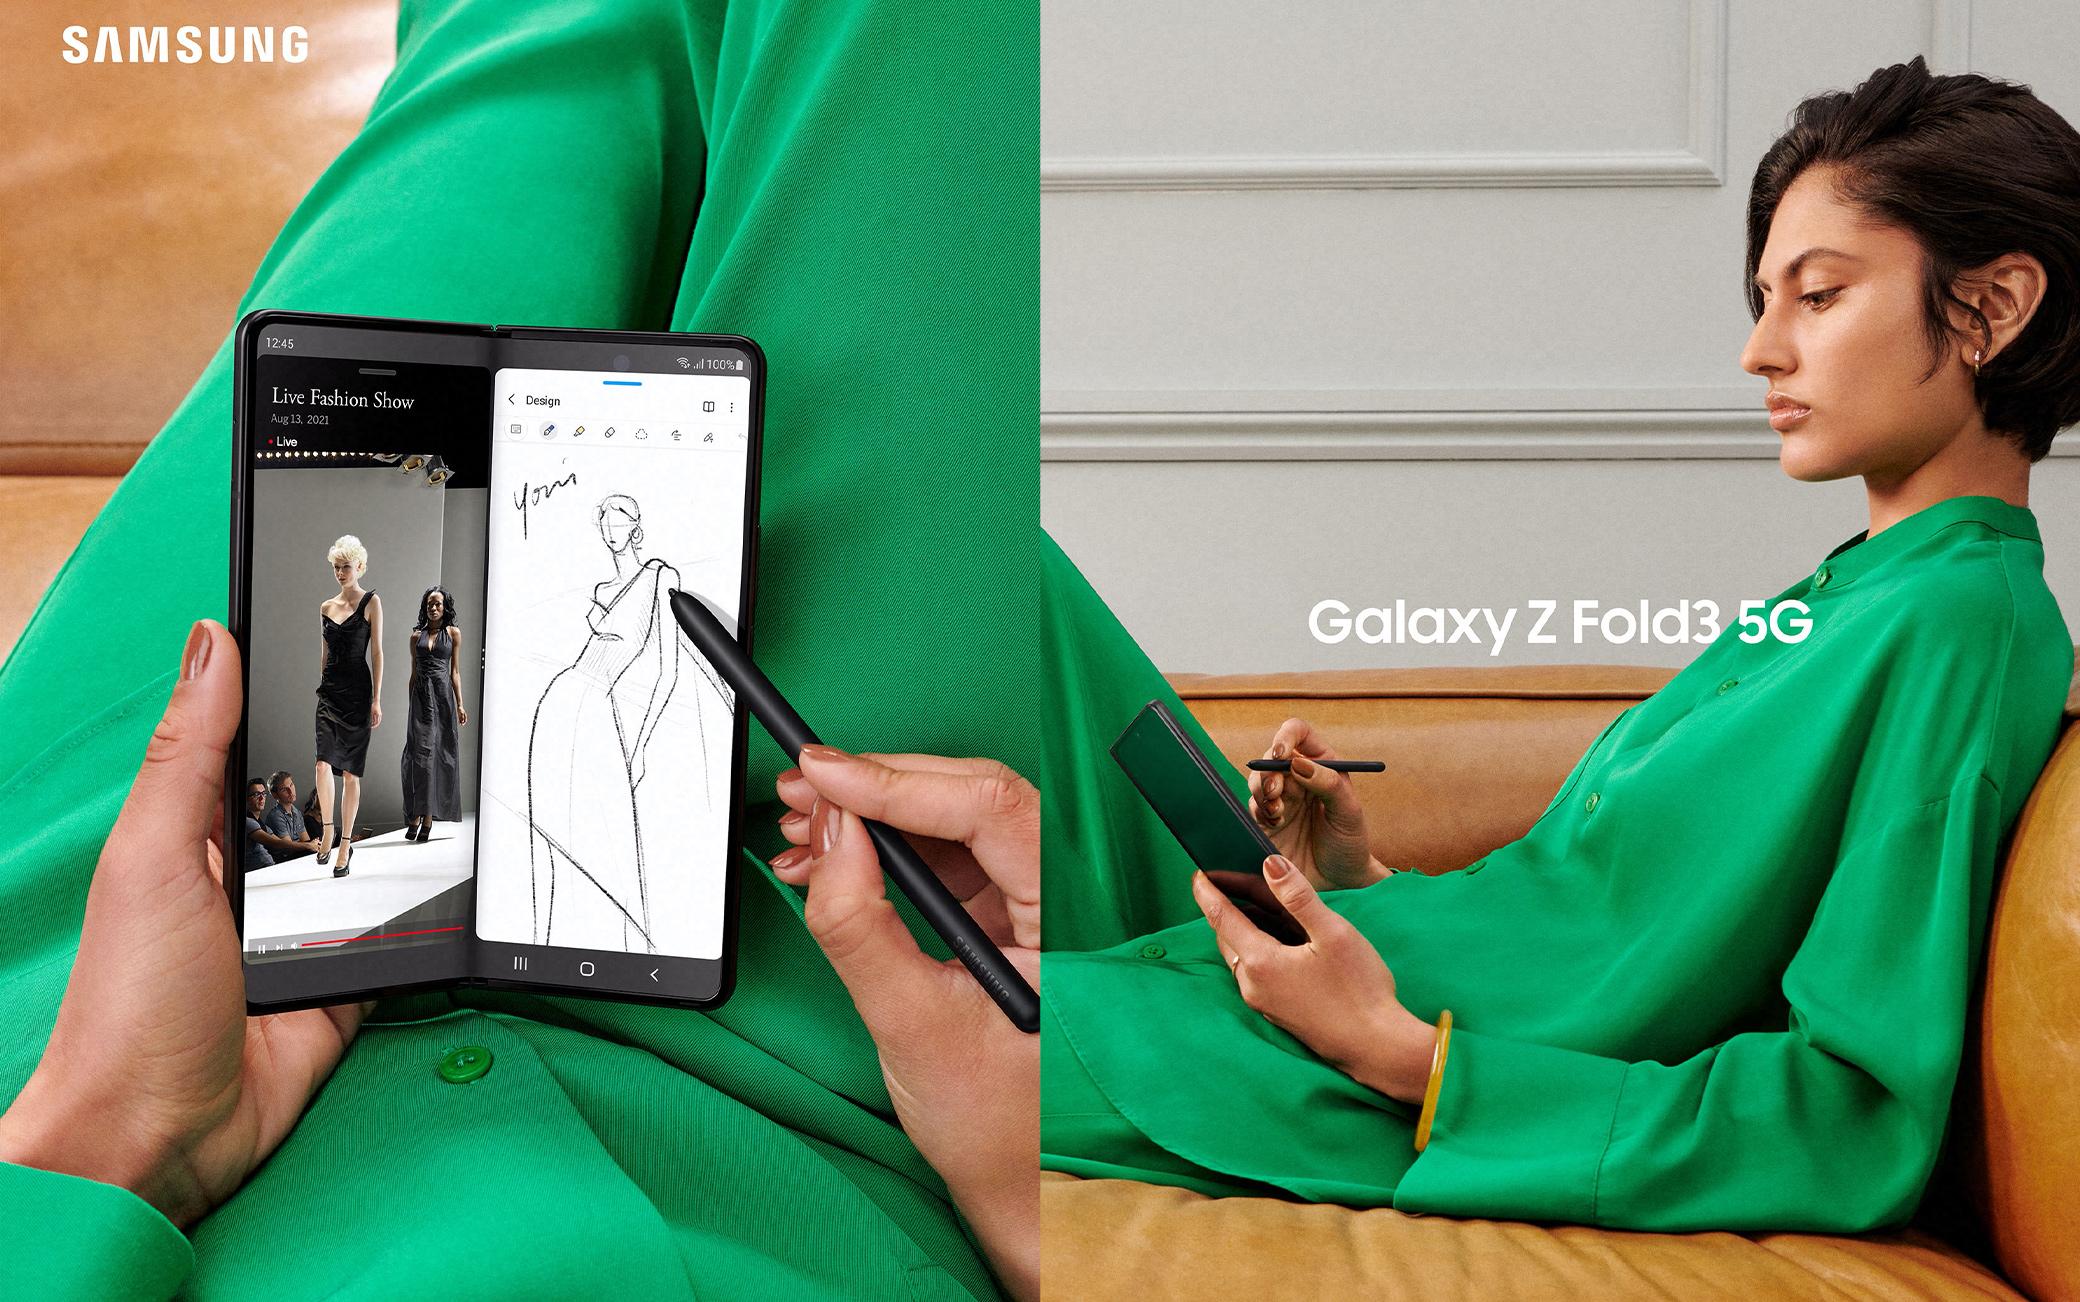 Il nuovo smartphone pieghevole di Samsung, Galaxy Z Fold3 5G